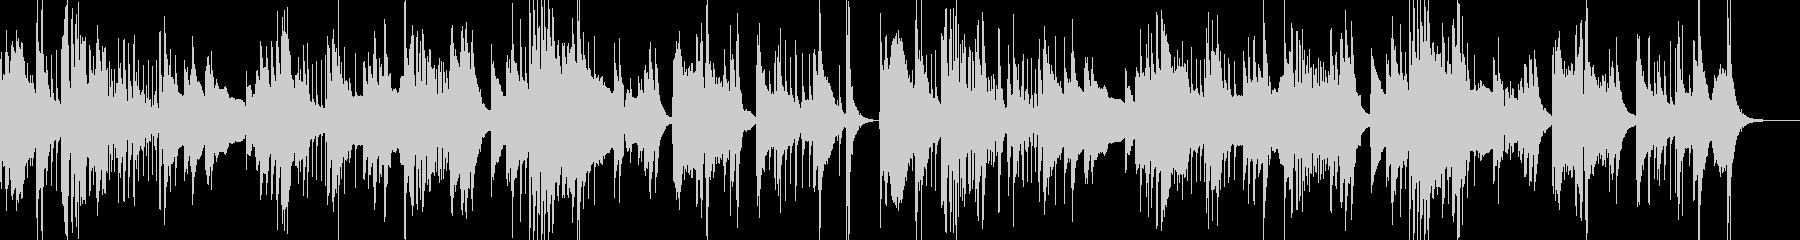 和風 お琴と尺八と三味線の雅な調べ 1の未再生の波形